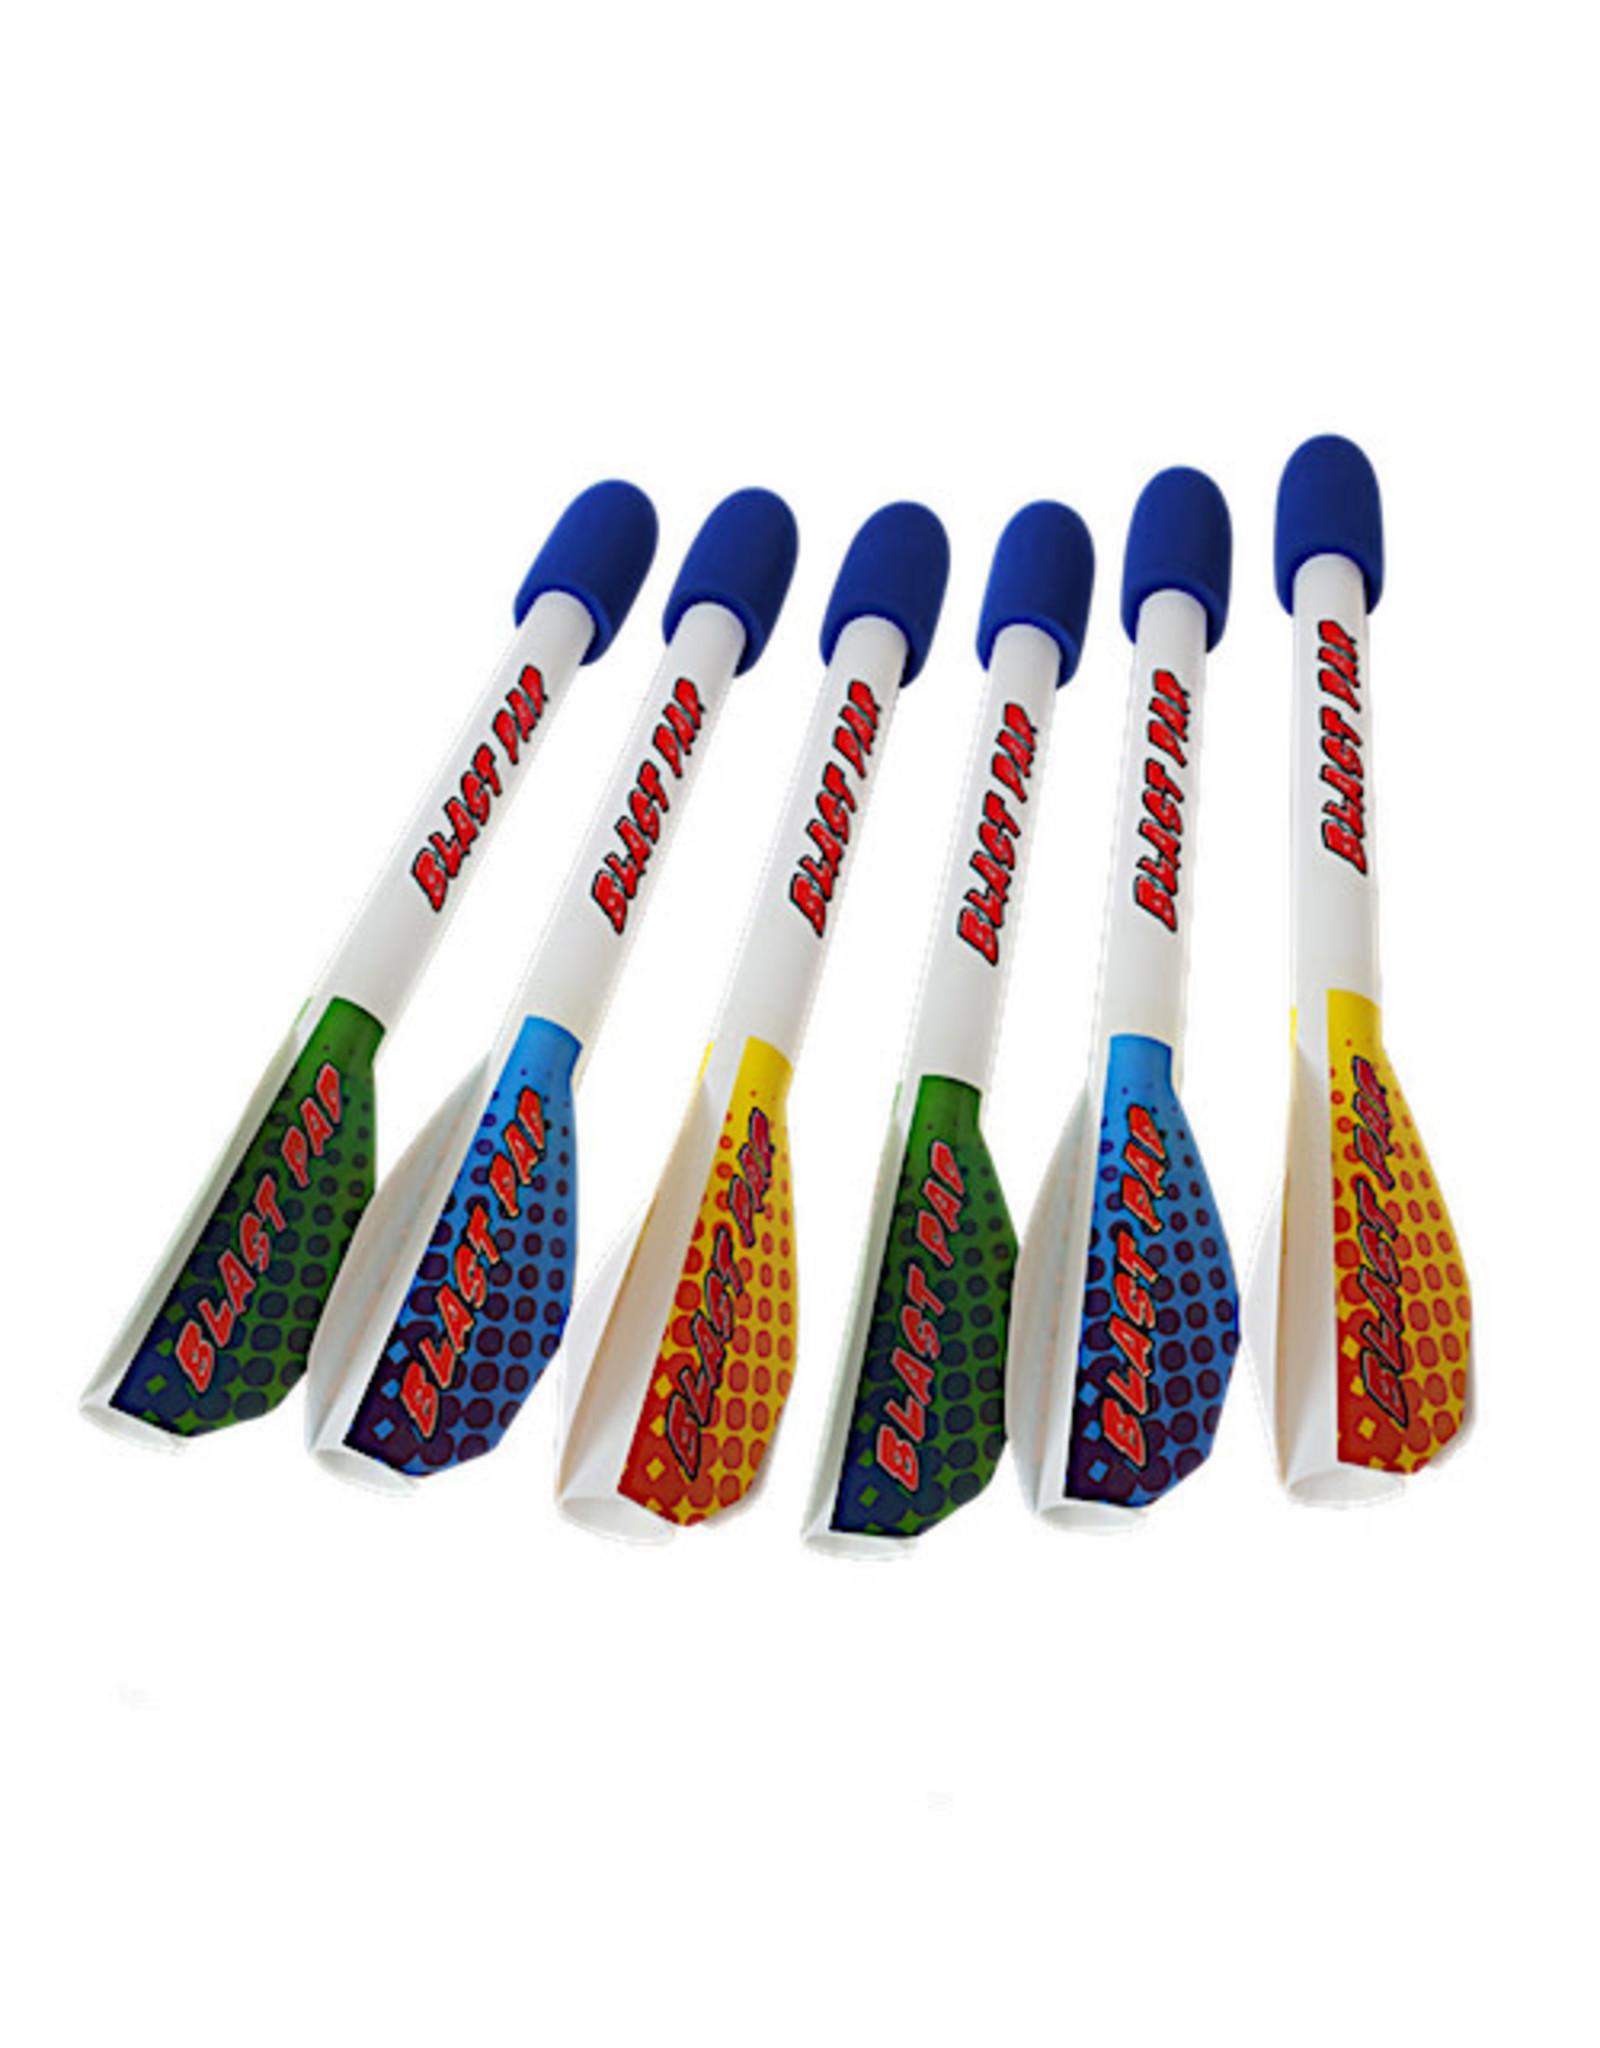 Blast Pad Rockets 6 Pack